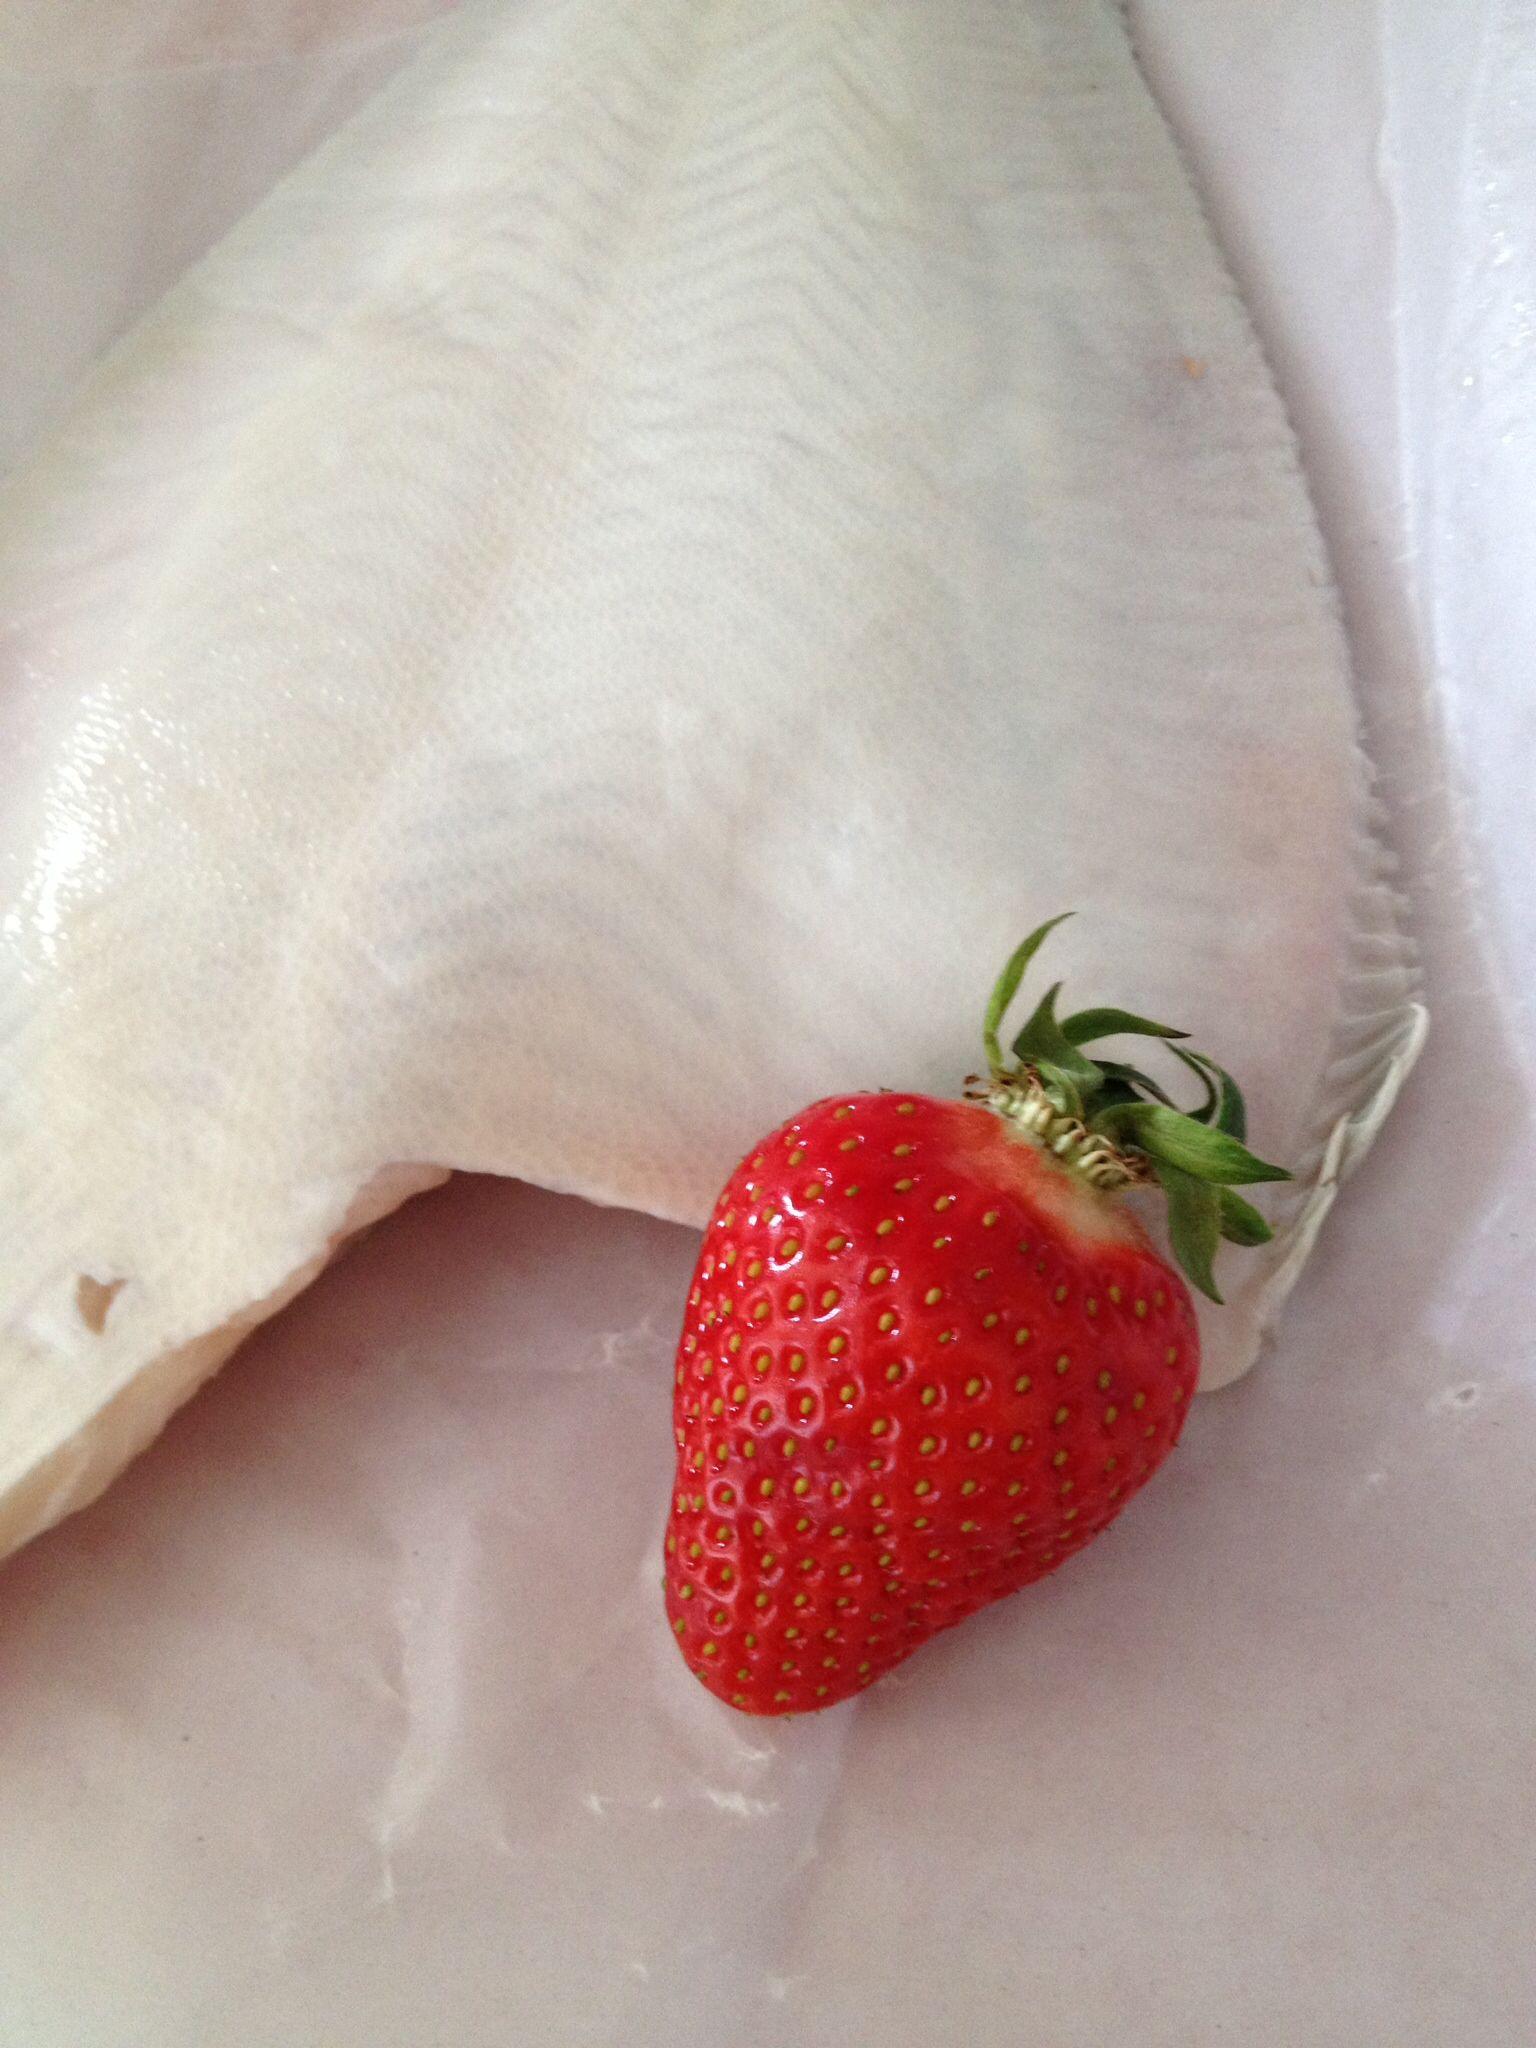 Maischolle! Dazu Erdbeeren im Salat, ach.